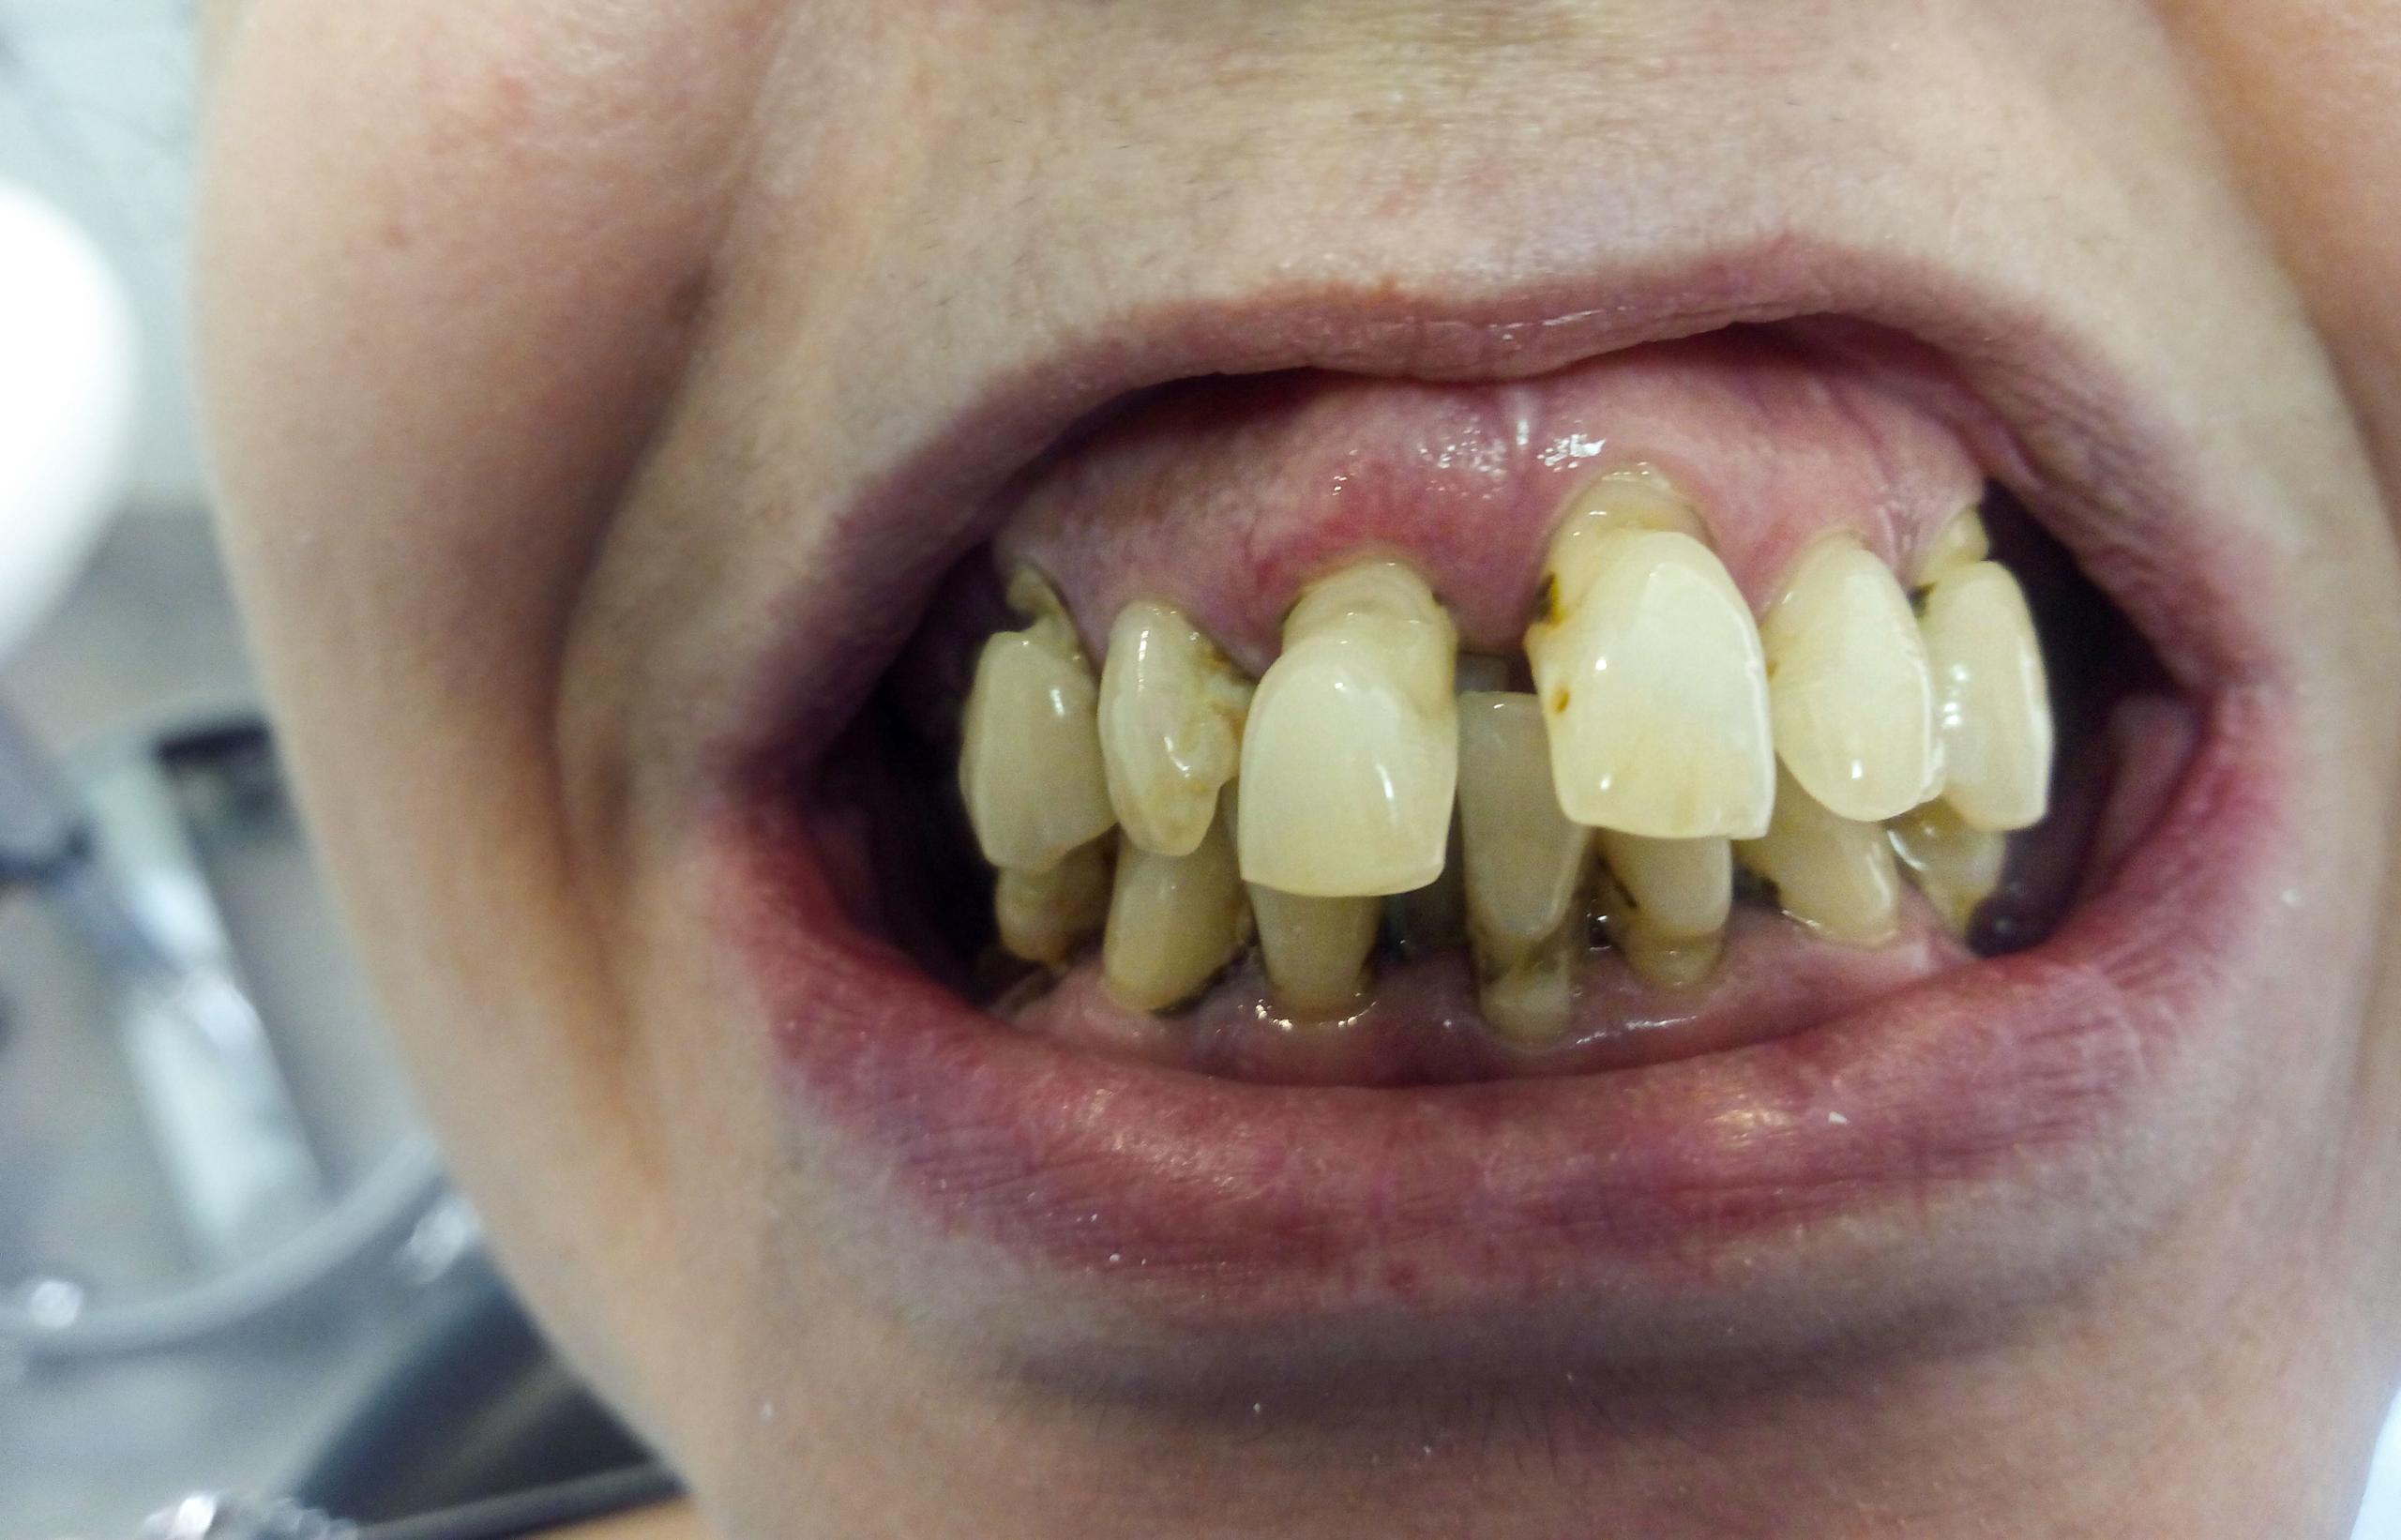 Tratamiento recperación inferior y superior maxilar completa en clínica dental Arturo Martos en Granada. Antes.